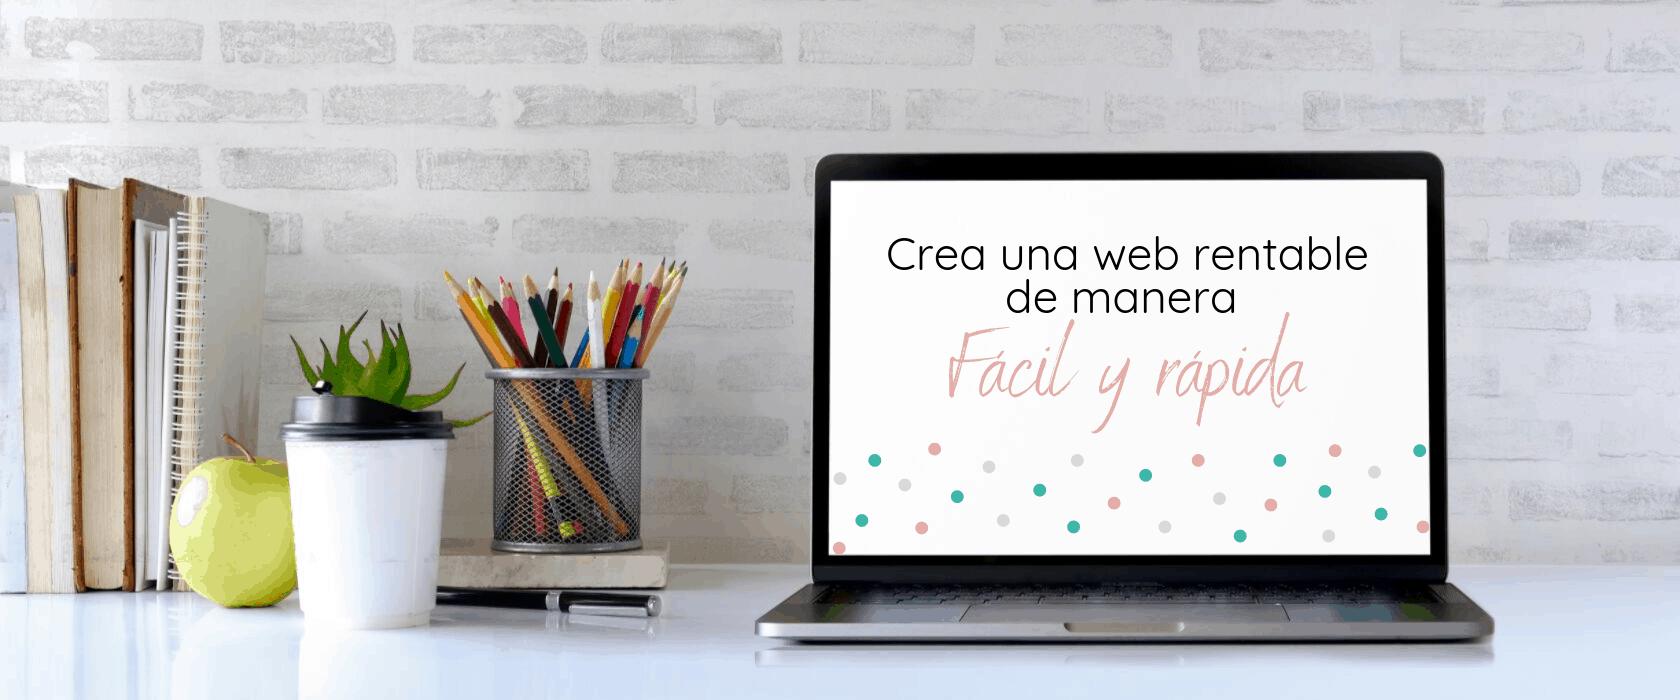 Crea un web rentable